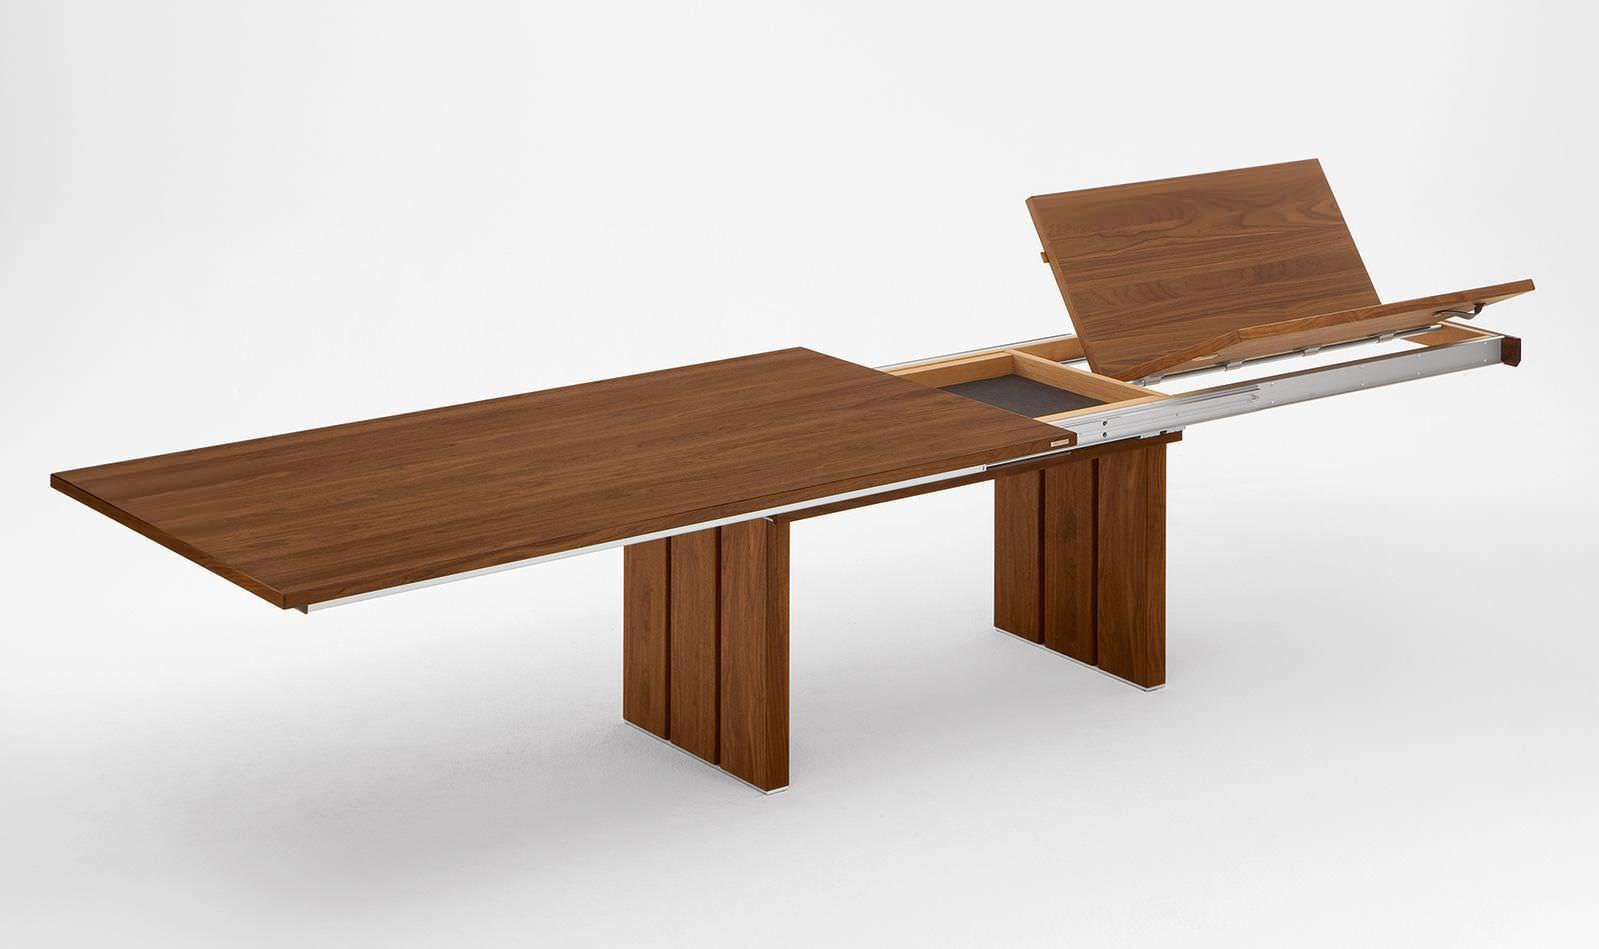 Mesa de comedor moderna / de madera / rectangular / extensible ET345 Alfons  Venjakob GmbH & Co. KG